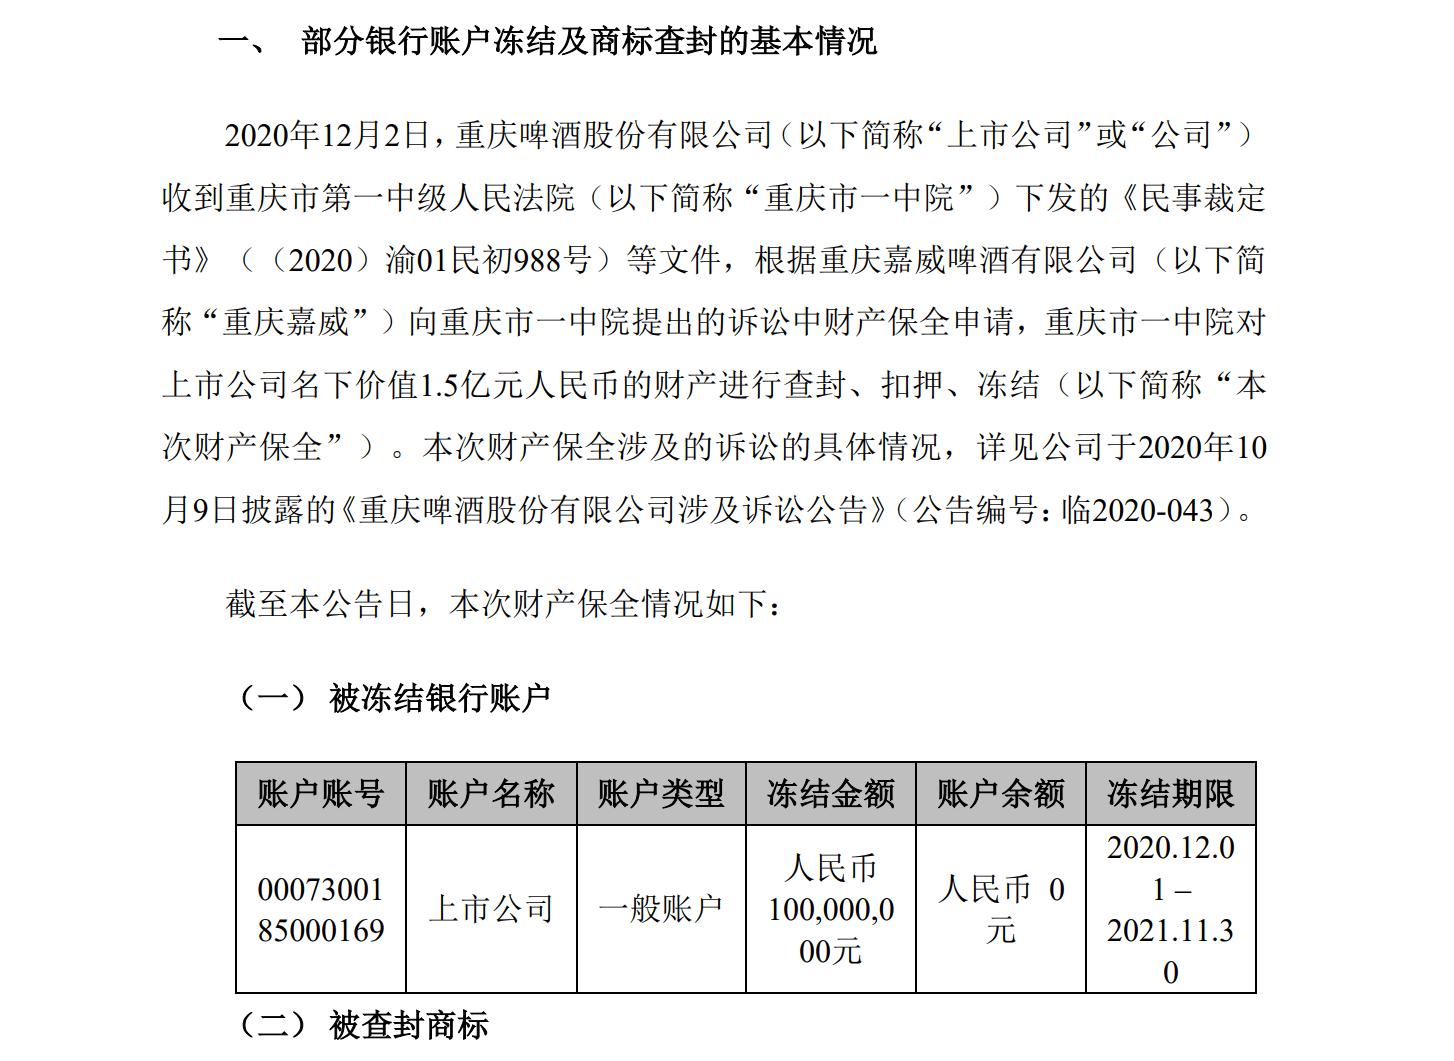 重庆啤酒与子公司诉讼案新进展:1.5亿财产被查封、扣押和冻结